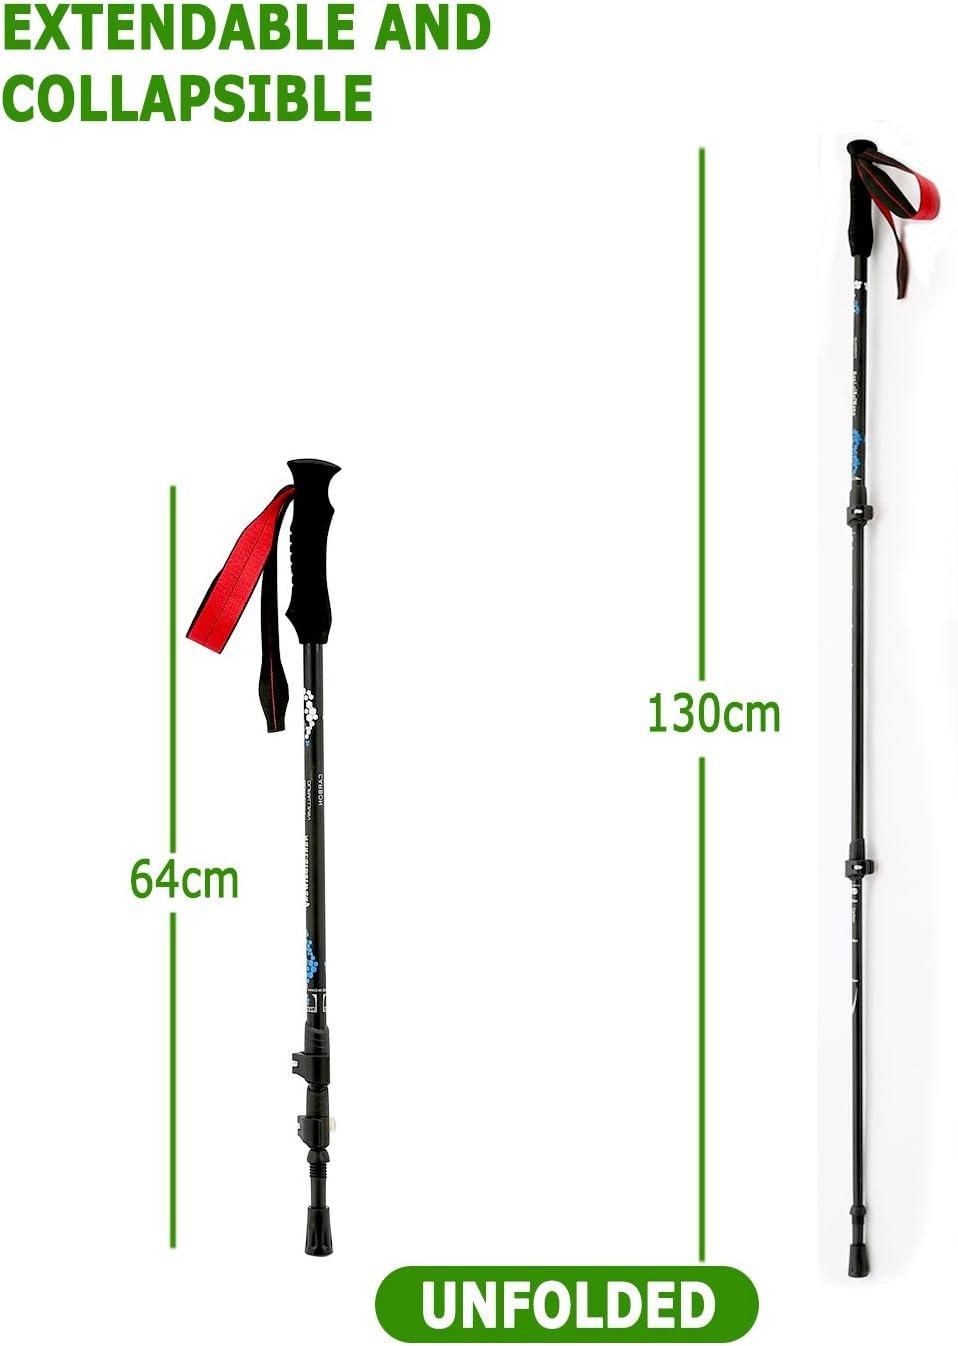 Barrageon Bastones de Senderismo Trekking Fibra de Carbono Plegable Durable Antichoque Ligero Longitud Ajustable 130 cm Al Aire Libre Escalada para Todo Terreno